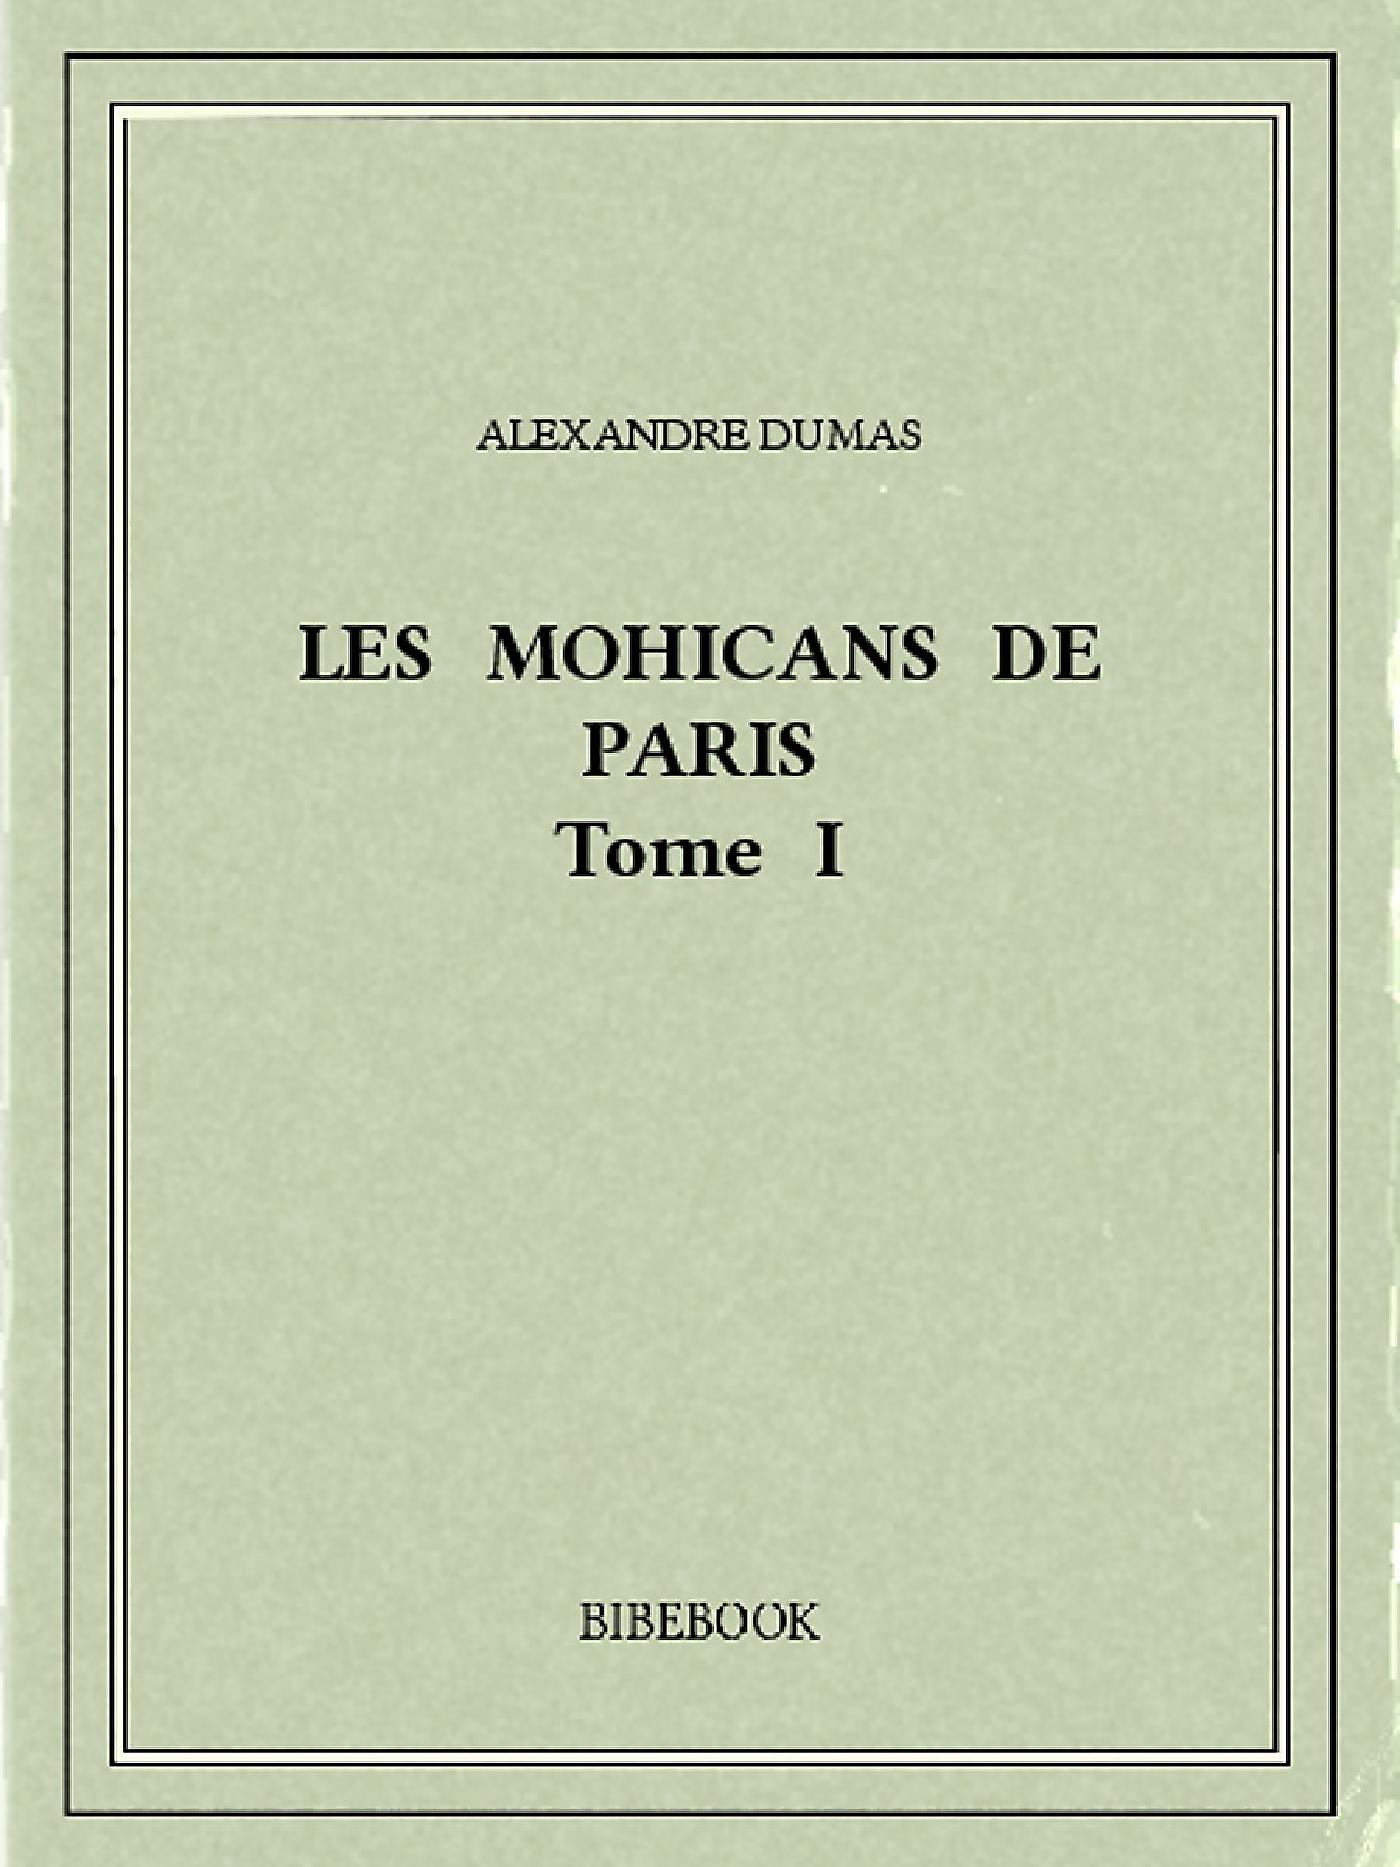 Les Mohicans de Paris 1